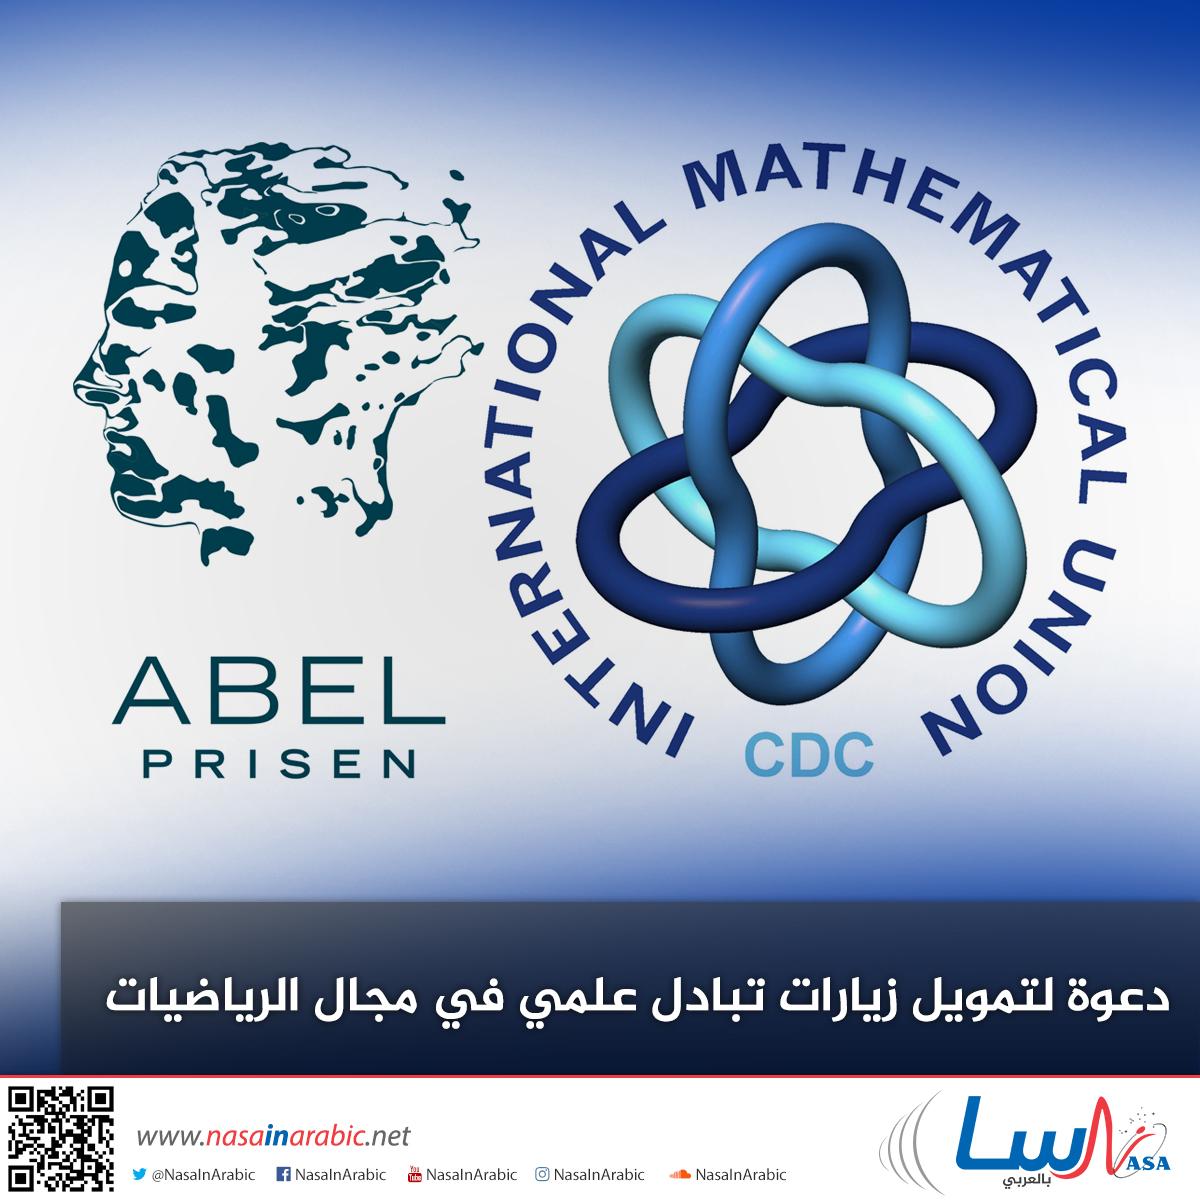 دعوة لتمويل زيارات تبادل علمي في مجال الرياضيات